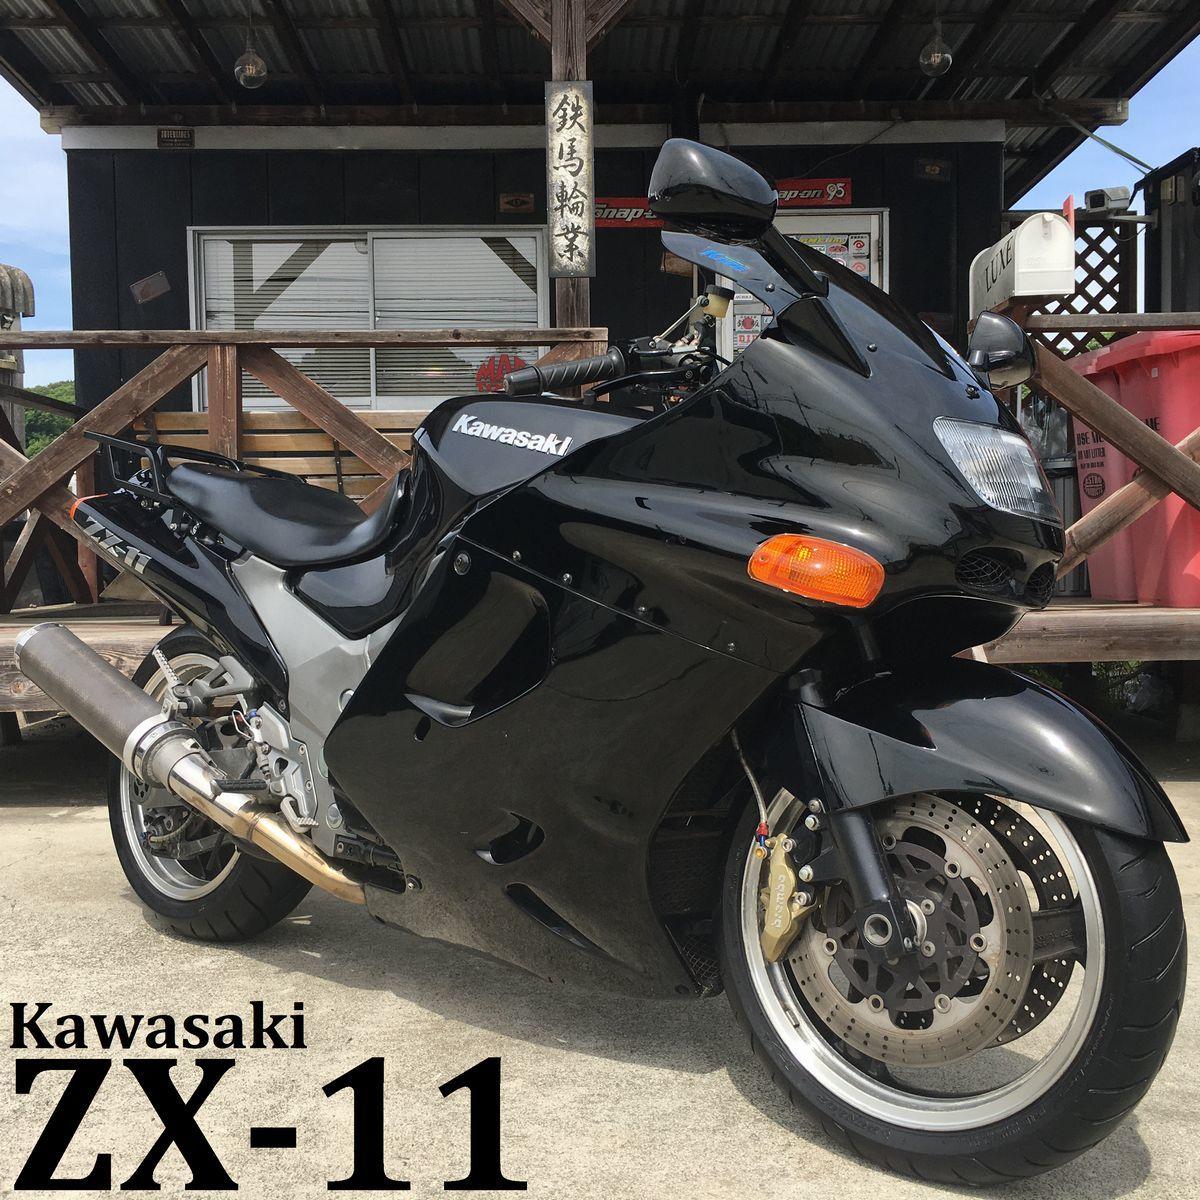 「大人気のD型! ZX-11 ZXBD ブレンボ 4POTキャリパー リアキャリア 検: ZZR 1100 ZX11 ZRX XJR 1200 1300 zxcv21255」の画像1